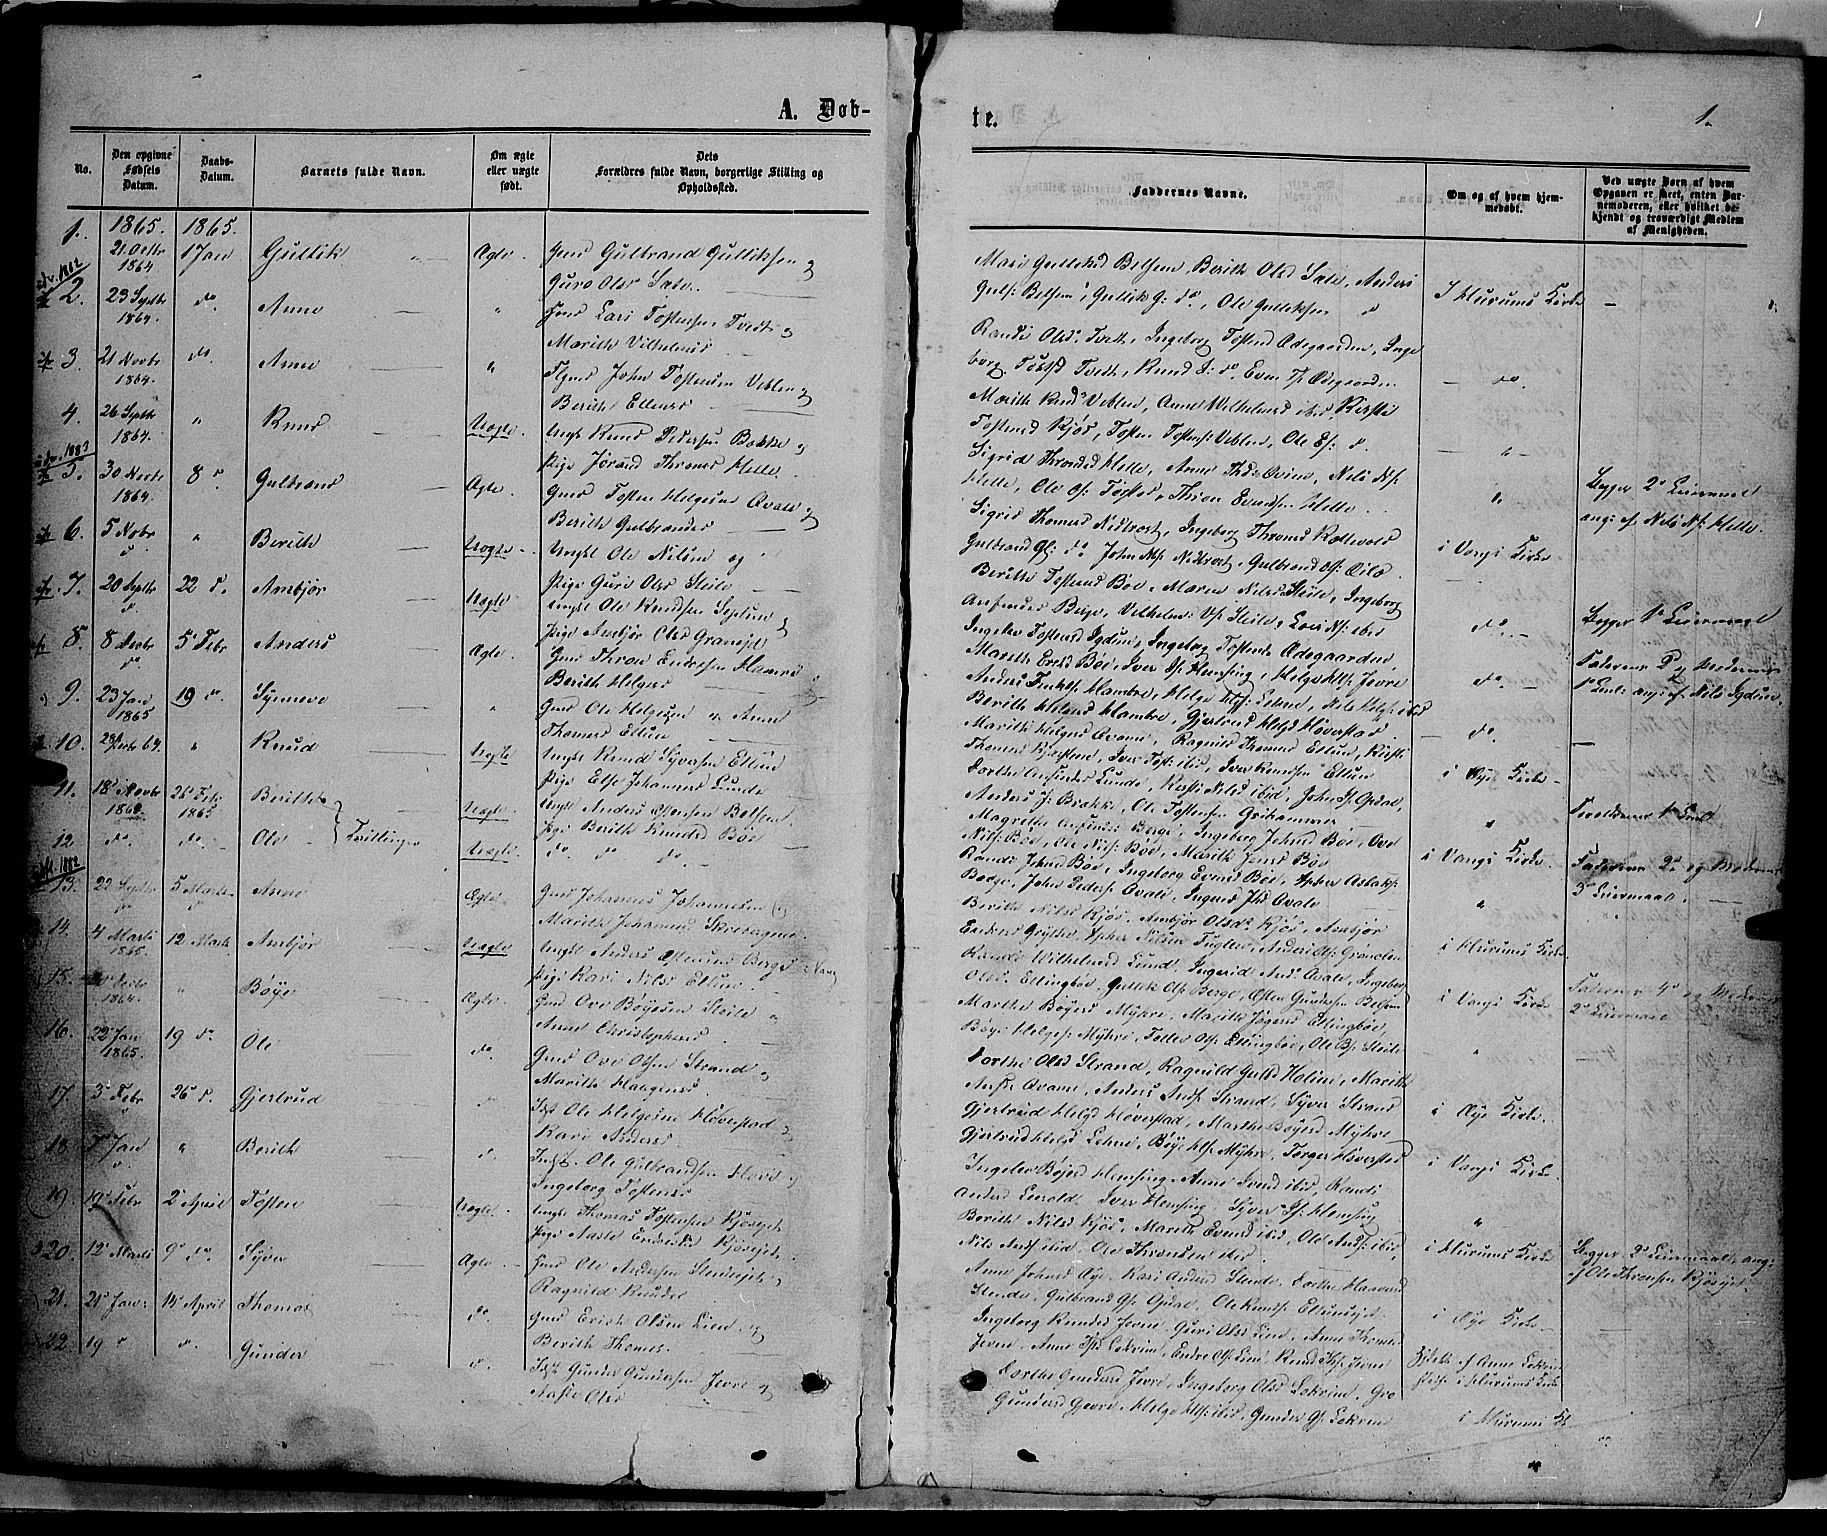 SAH, Vang prestekontor, Valdres, Ministerialbok nr. 7, 1865-1881, s. 1